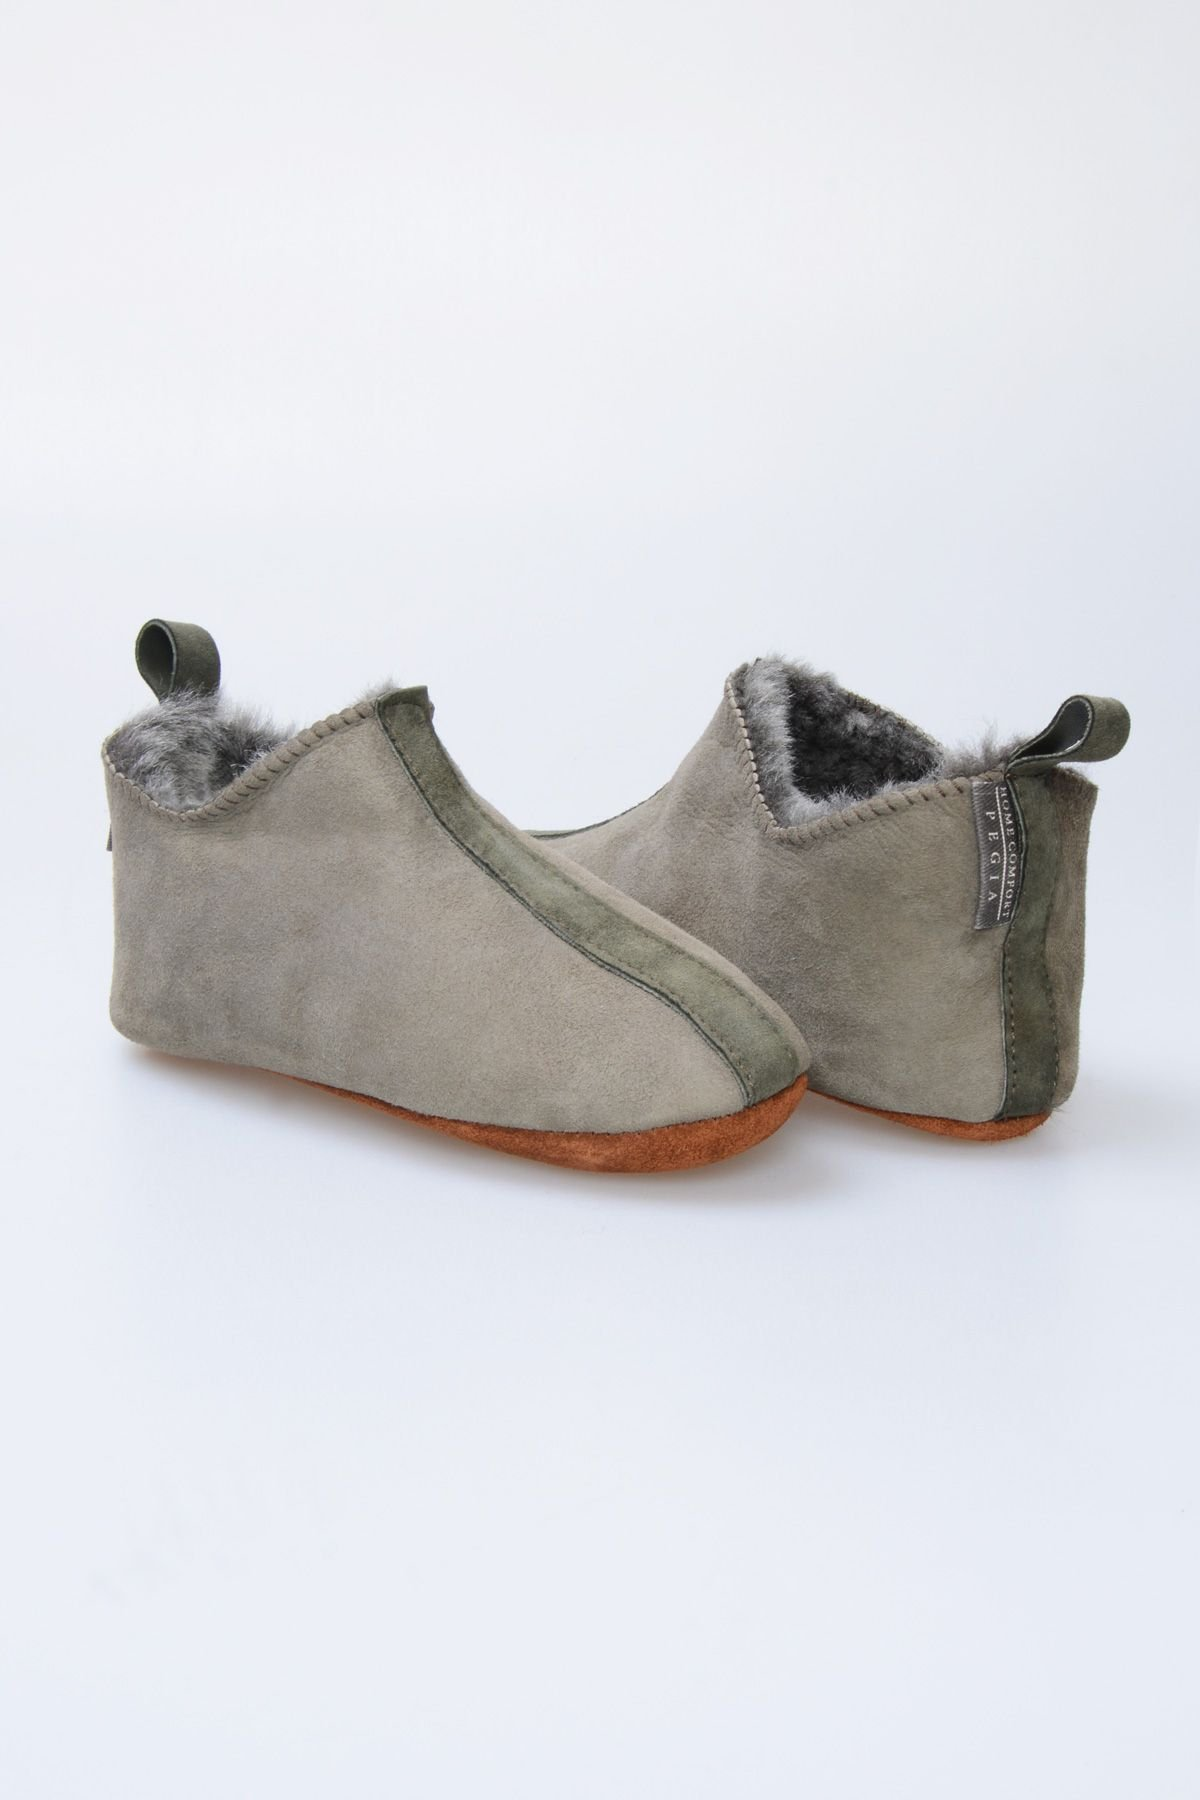 Pegia Hakiki Kürklü Çocuk Ev Ayakkabısı 880259 Yeşil